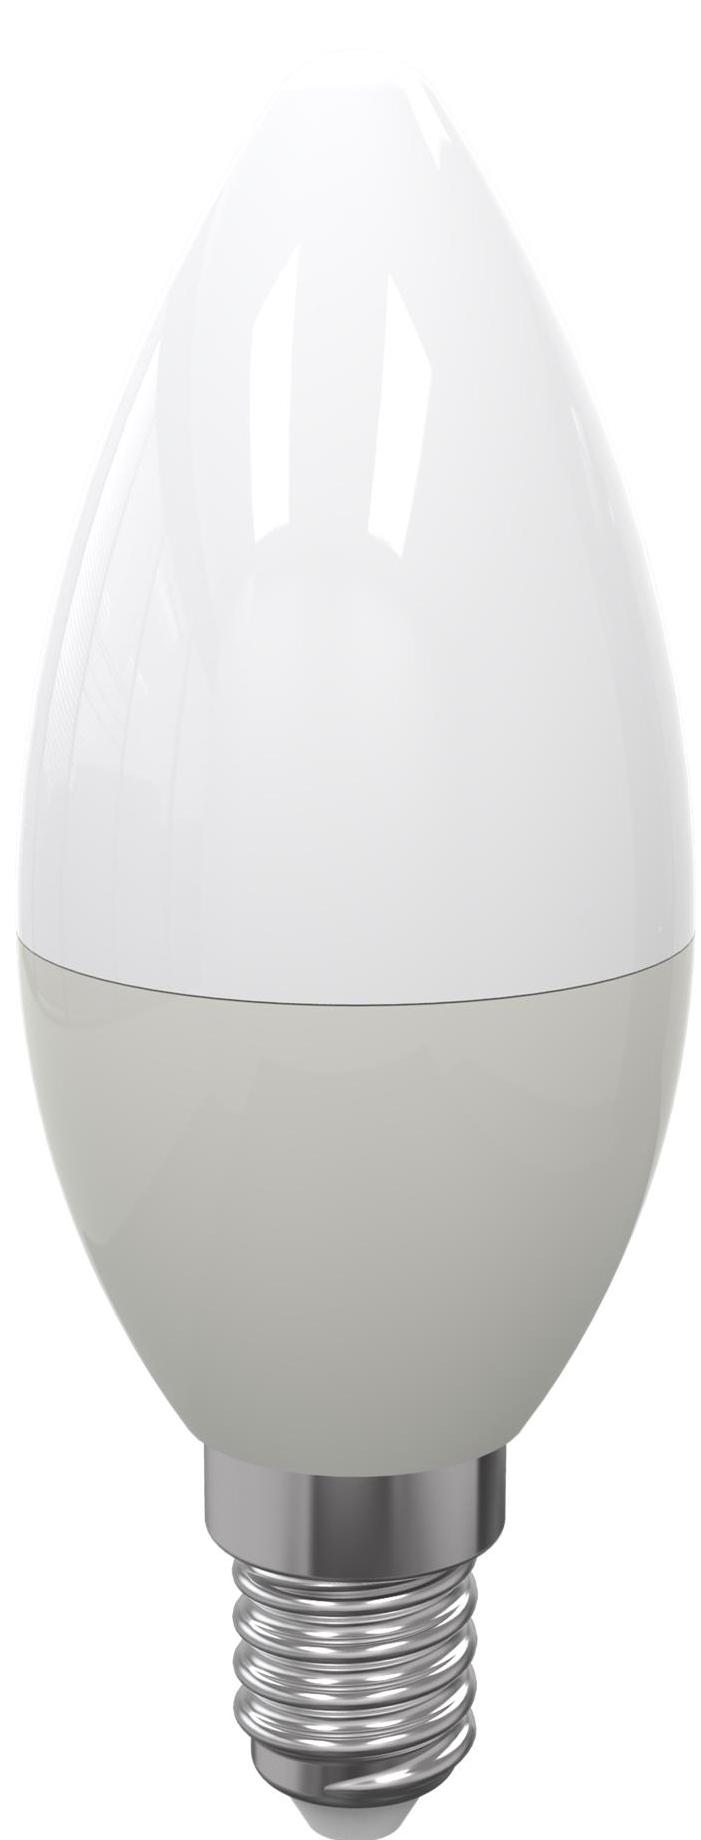 все цены на Лампочка REV, Холодный свет 9 Вт, Светодиодная онлайн